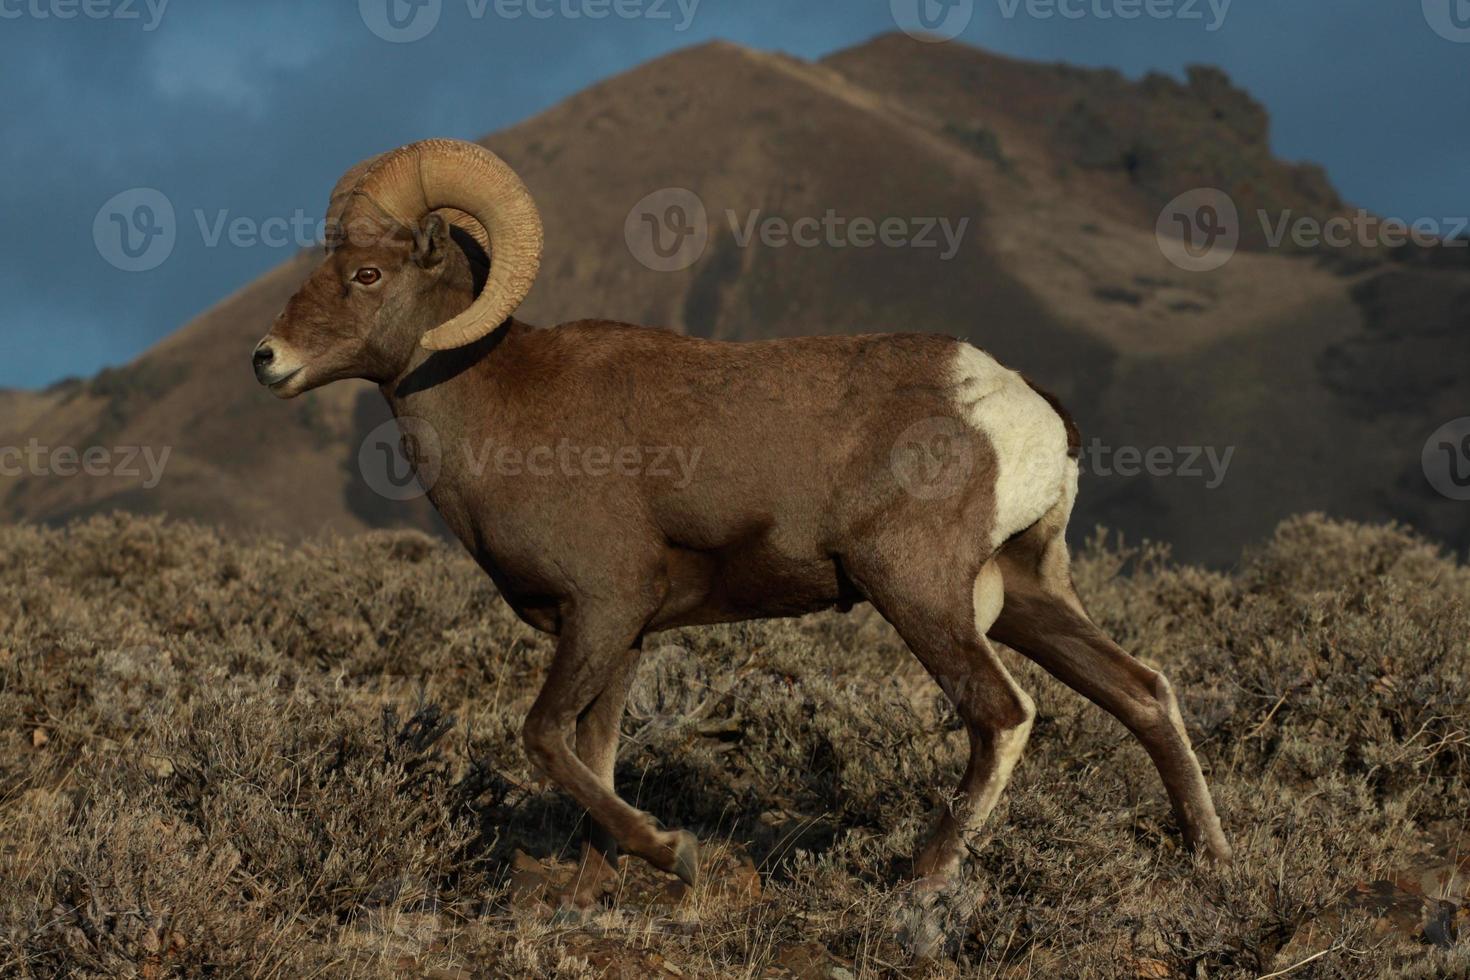 la ram delle pecore bighorn del deserto avanza attraverso la salvia rigida foto